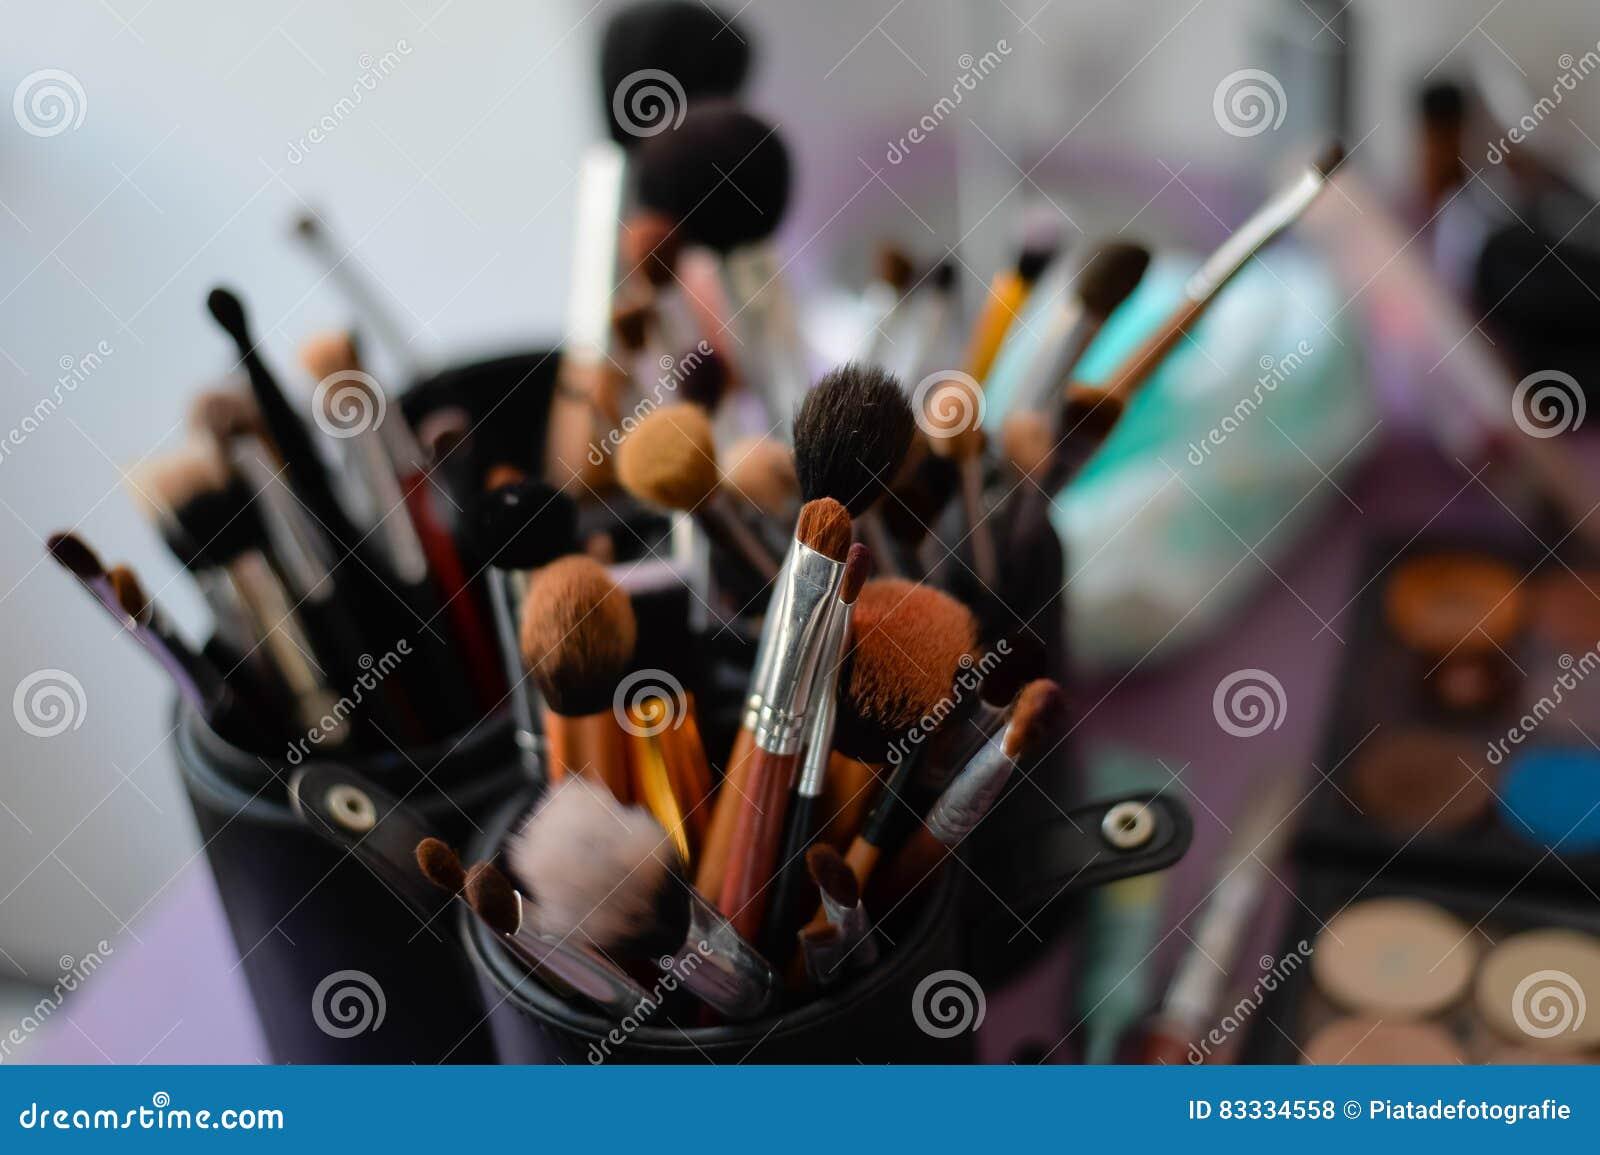 Βούρτσες Makeup που τίθενται στην υποστήριξη